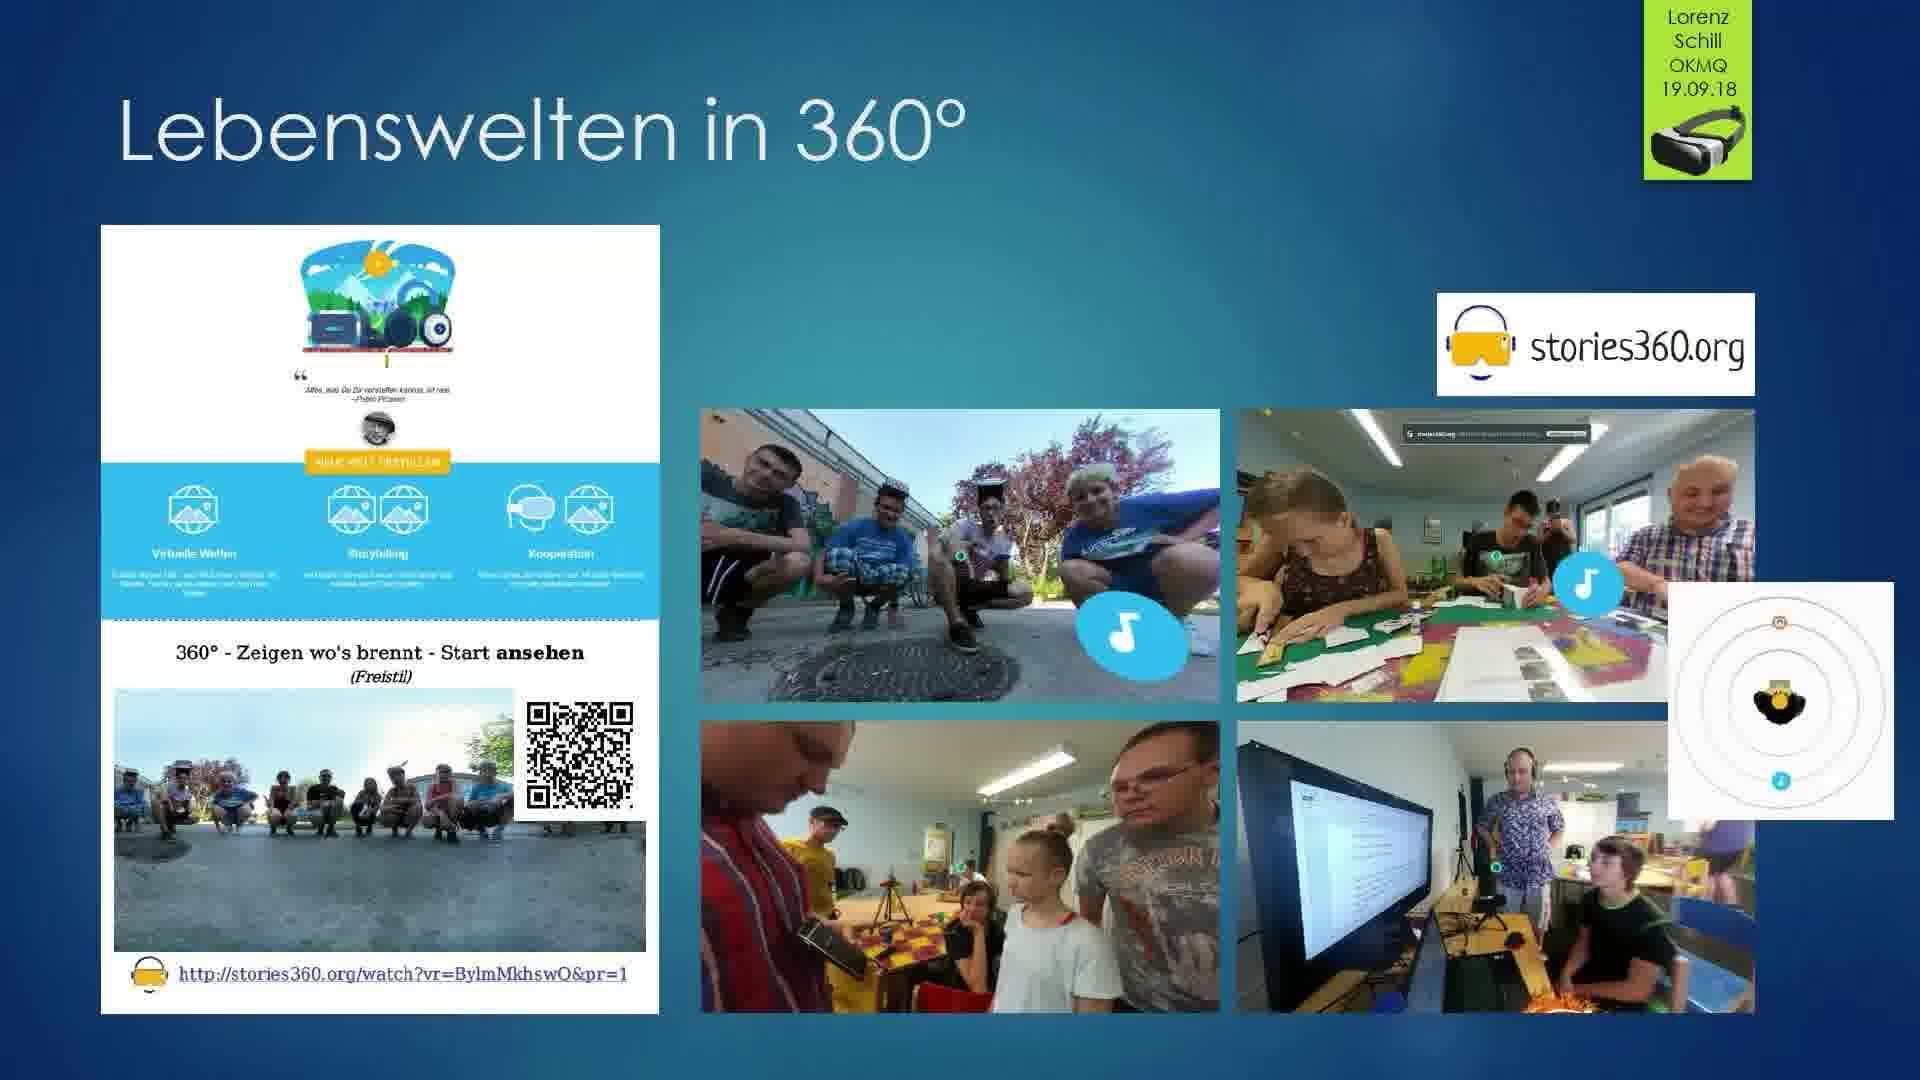 """Livemitschnitt Medienpädagogische Tagung  """"Medienpädagogik in den Bürgermedien! Lebenslanges Lernen mit/durch/über Medien"""" Teil 6/6"""